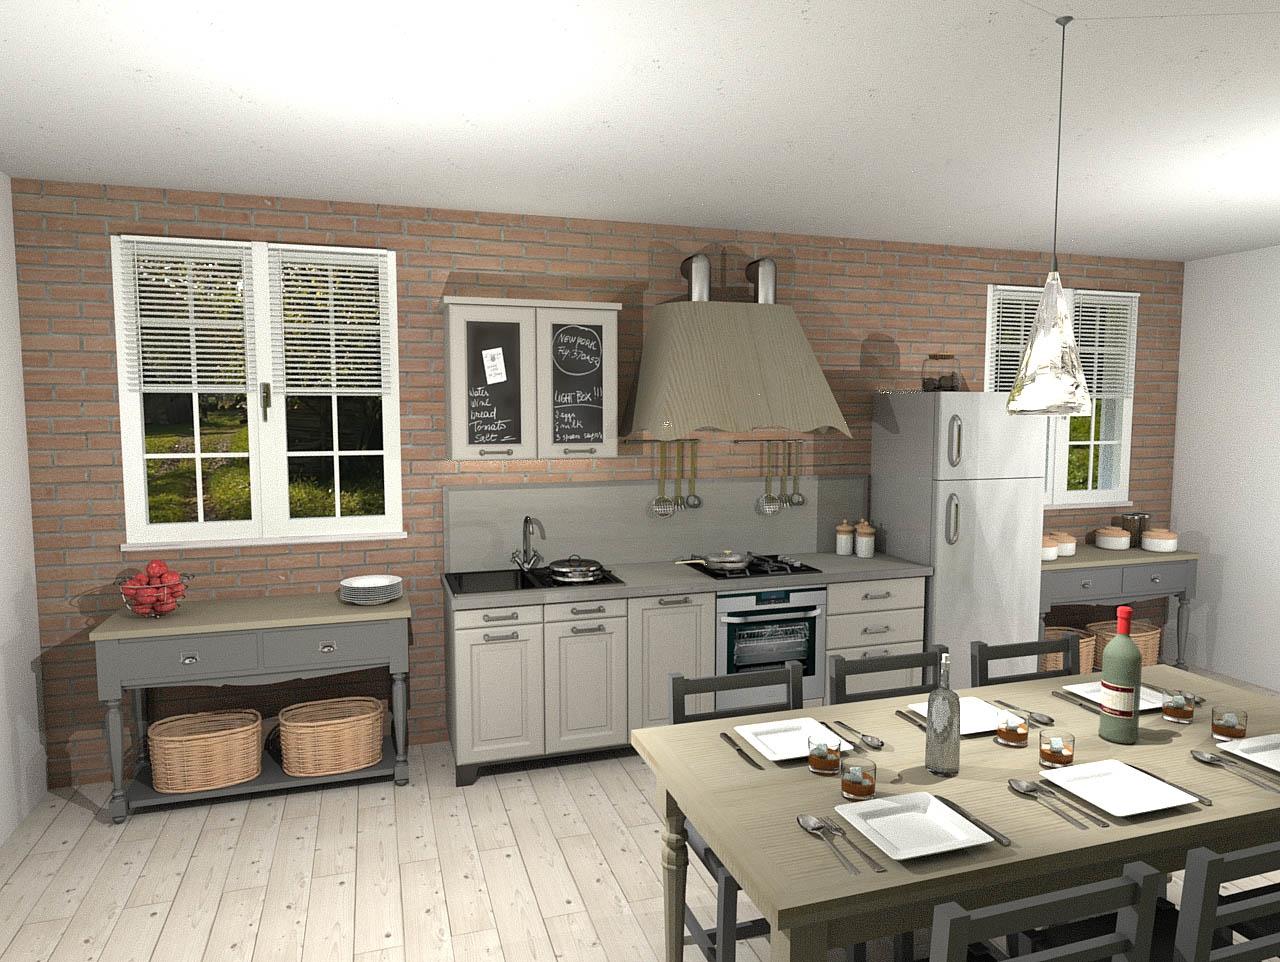 Cucine Americane Prezzi. Cucine Da Sogno Foto Attraente Cucine ...